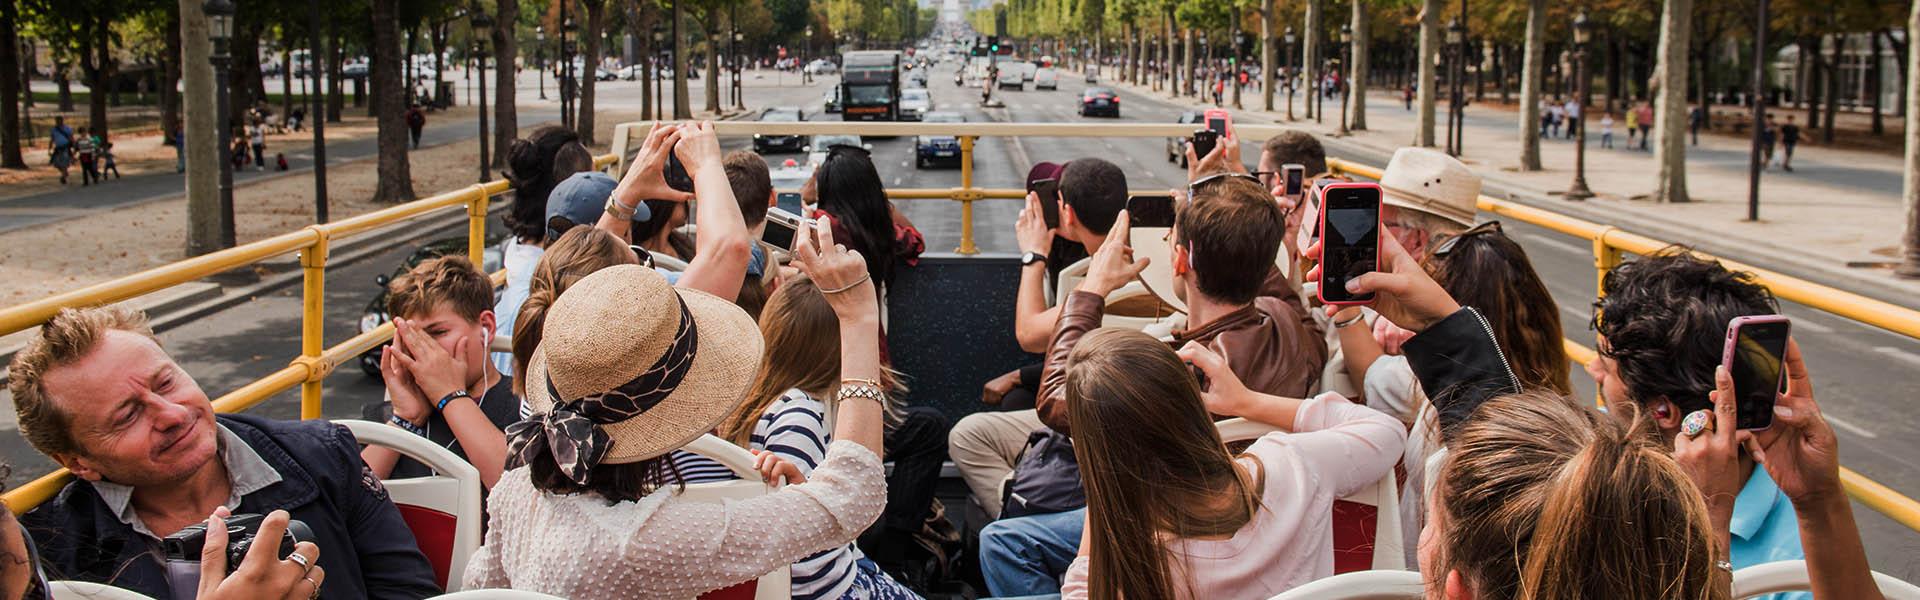 Touristes à bord d'un Big Bus à Paris